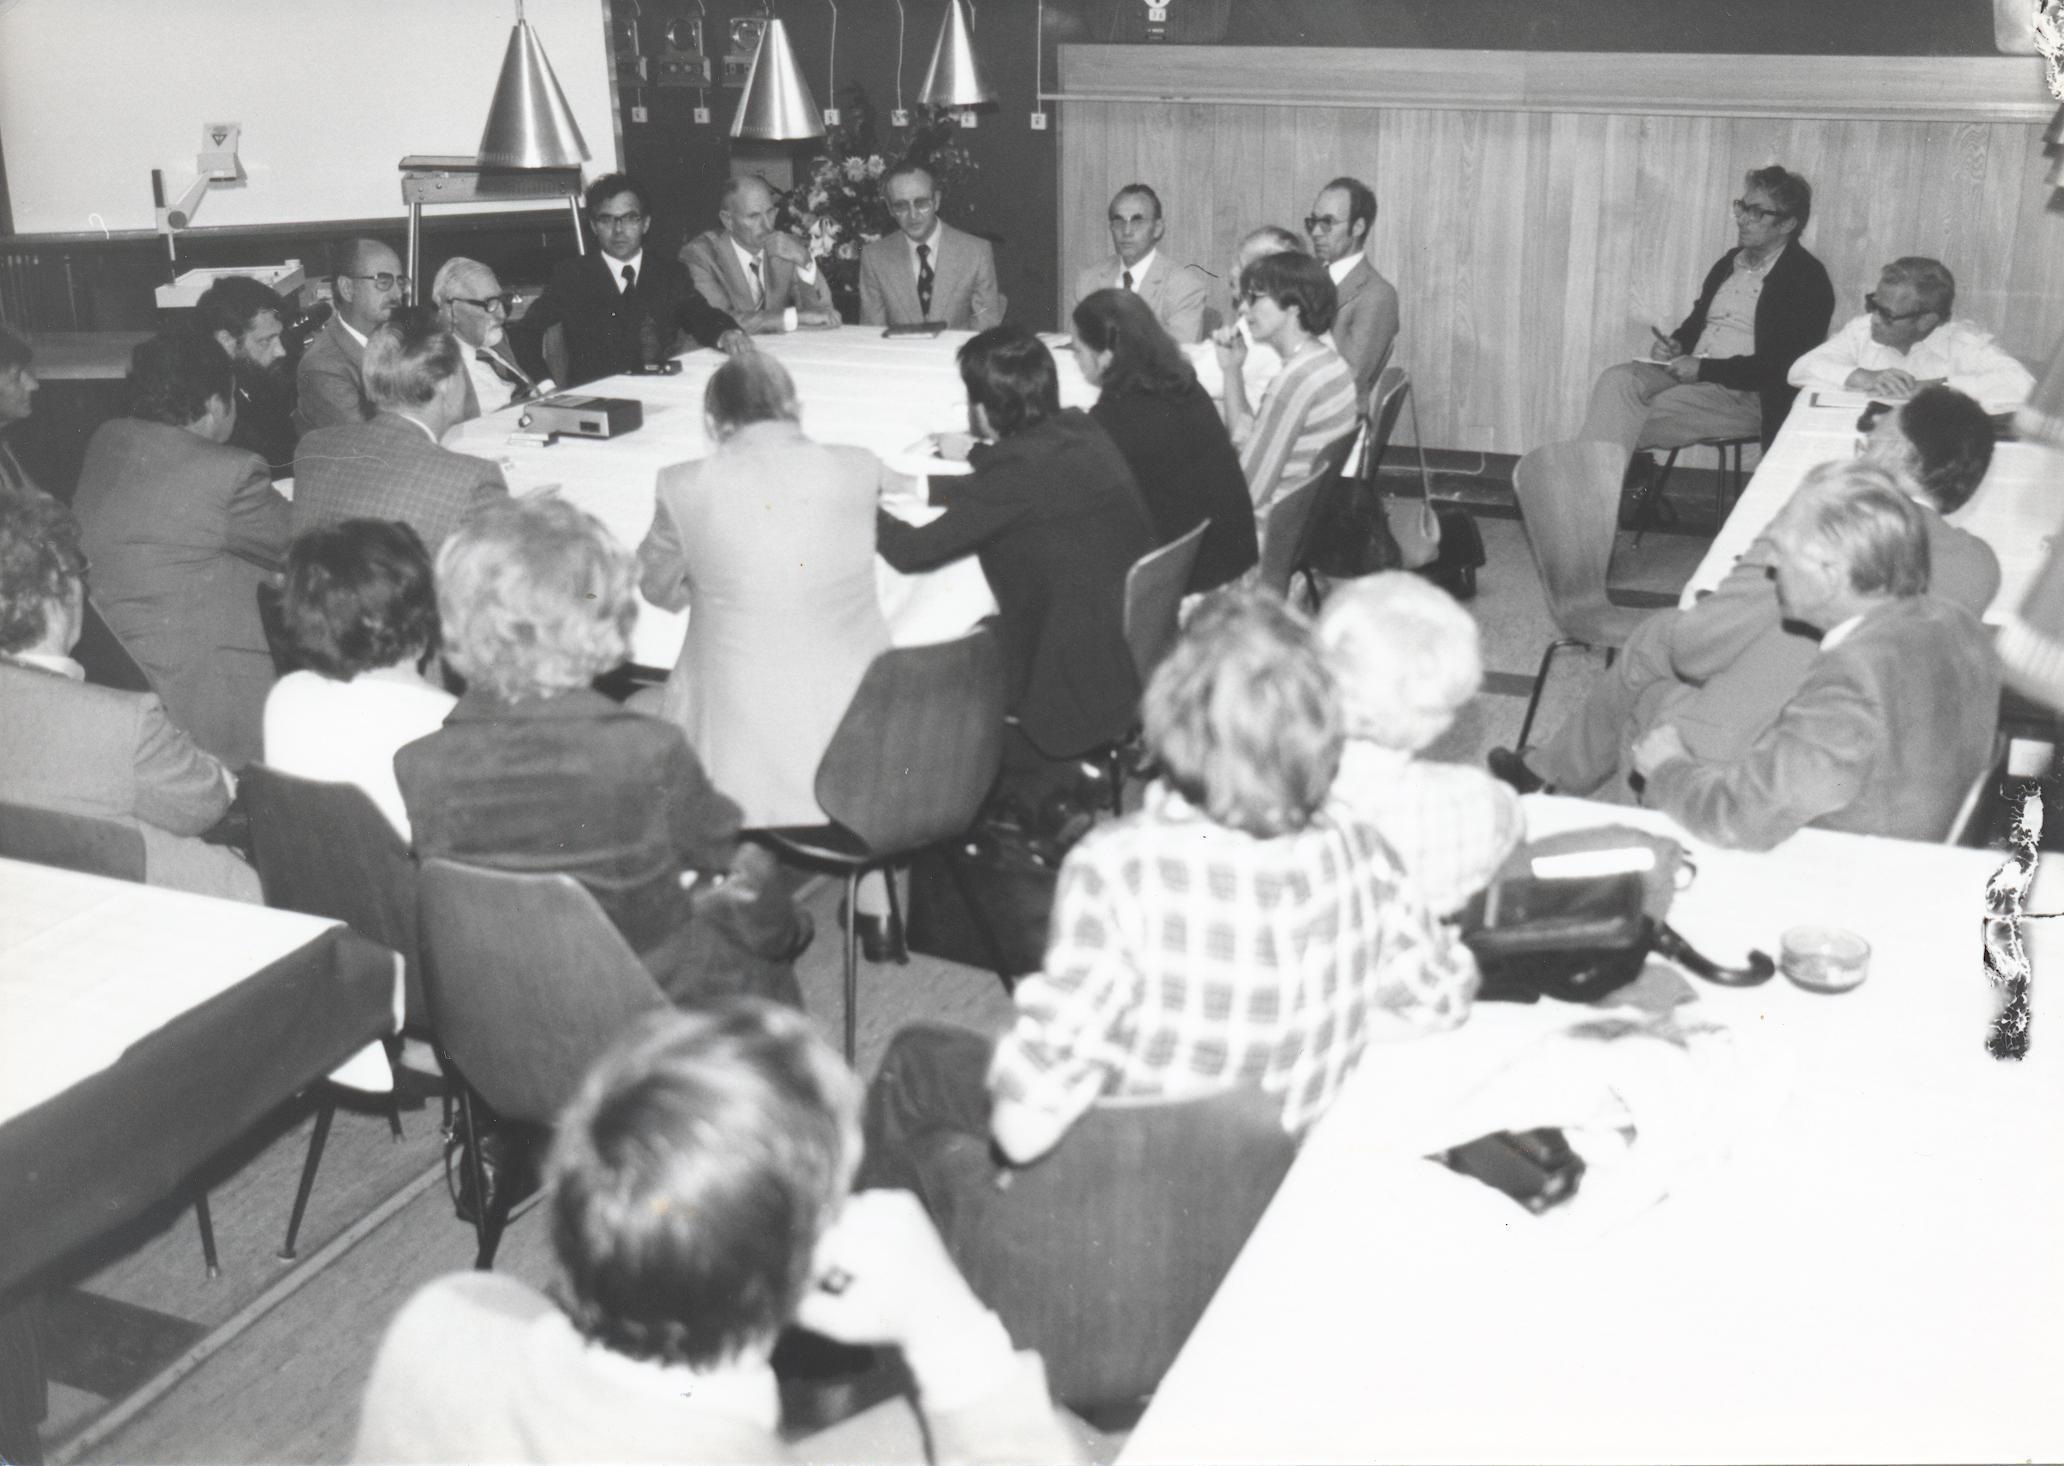 VII. Internationaler Imago Mundi-Kongress 1978, Innsbruck, Diskussionsrunde, von links Werner Bonin, Fidelio Köberle, Tenhaeff, A. Resch, H. Huber, J. Zapf, E. Nickel, G. Emde